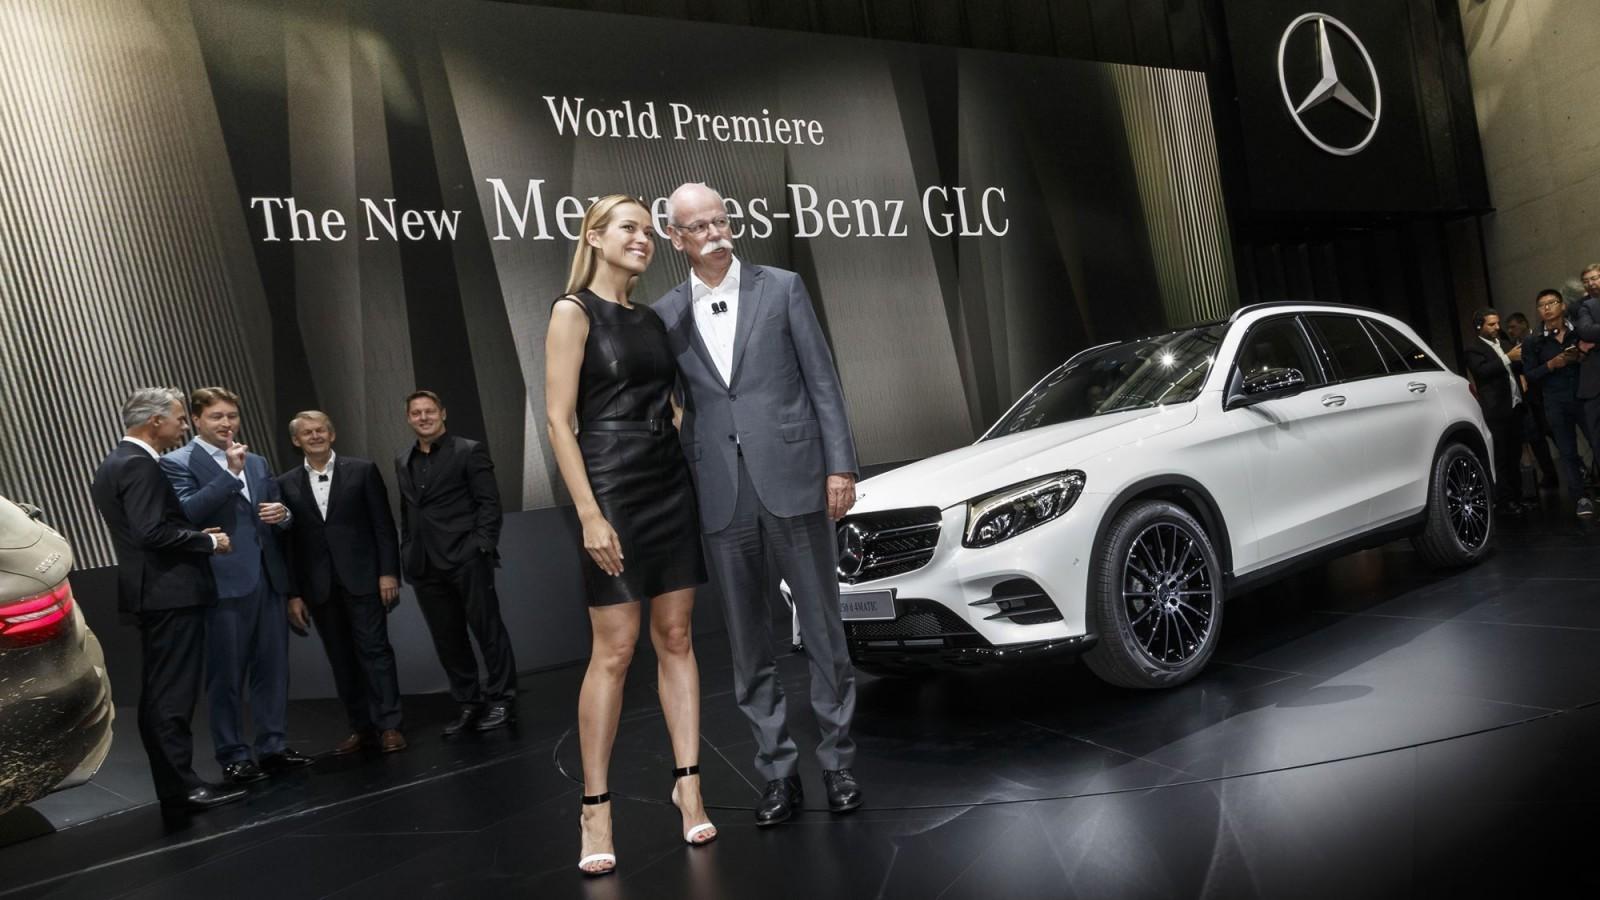 Weltpremiere: Der neue Mercedes-Benz GLC, Metzingen 2015World Premiere: The new Mercedes-Benz GLC, Metzingen 2015